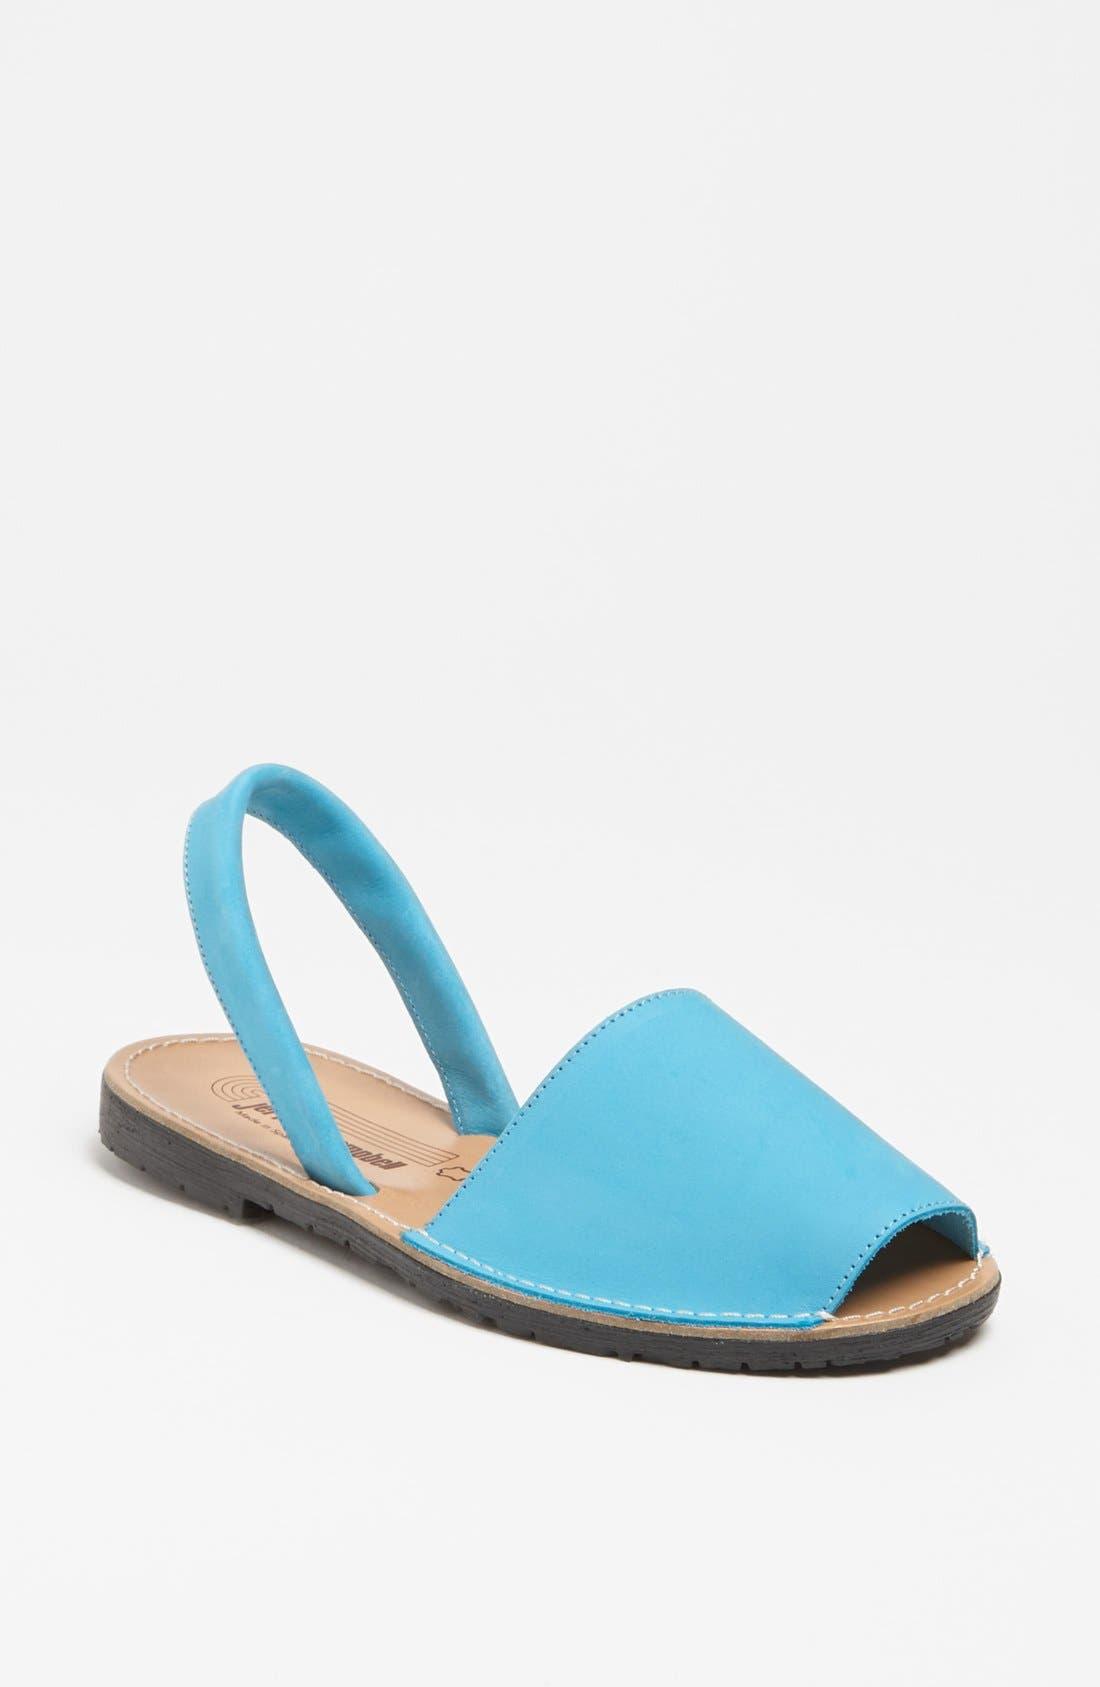 Alternate Image 1 Selected - Jeffrey Campbell 'Ibiza' Nubuck Leather Sandal